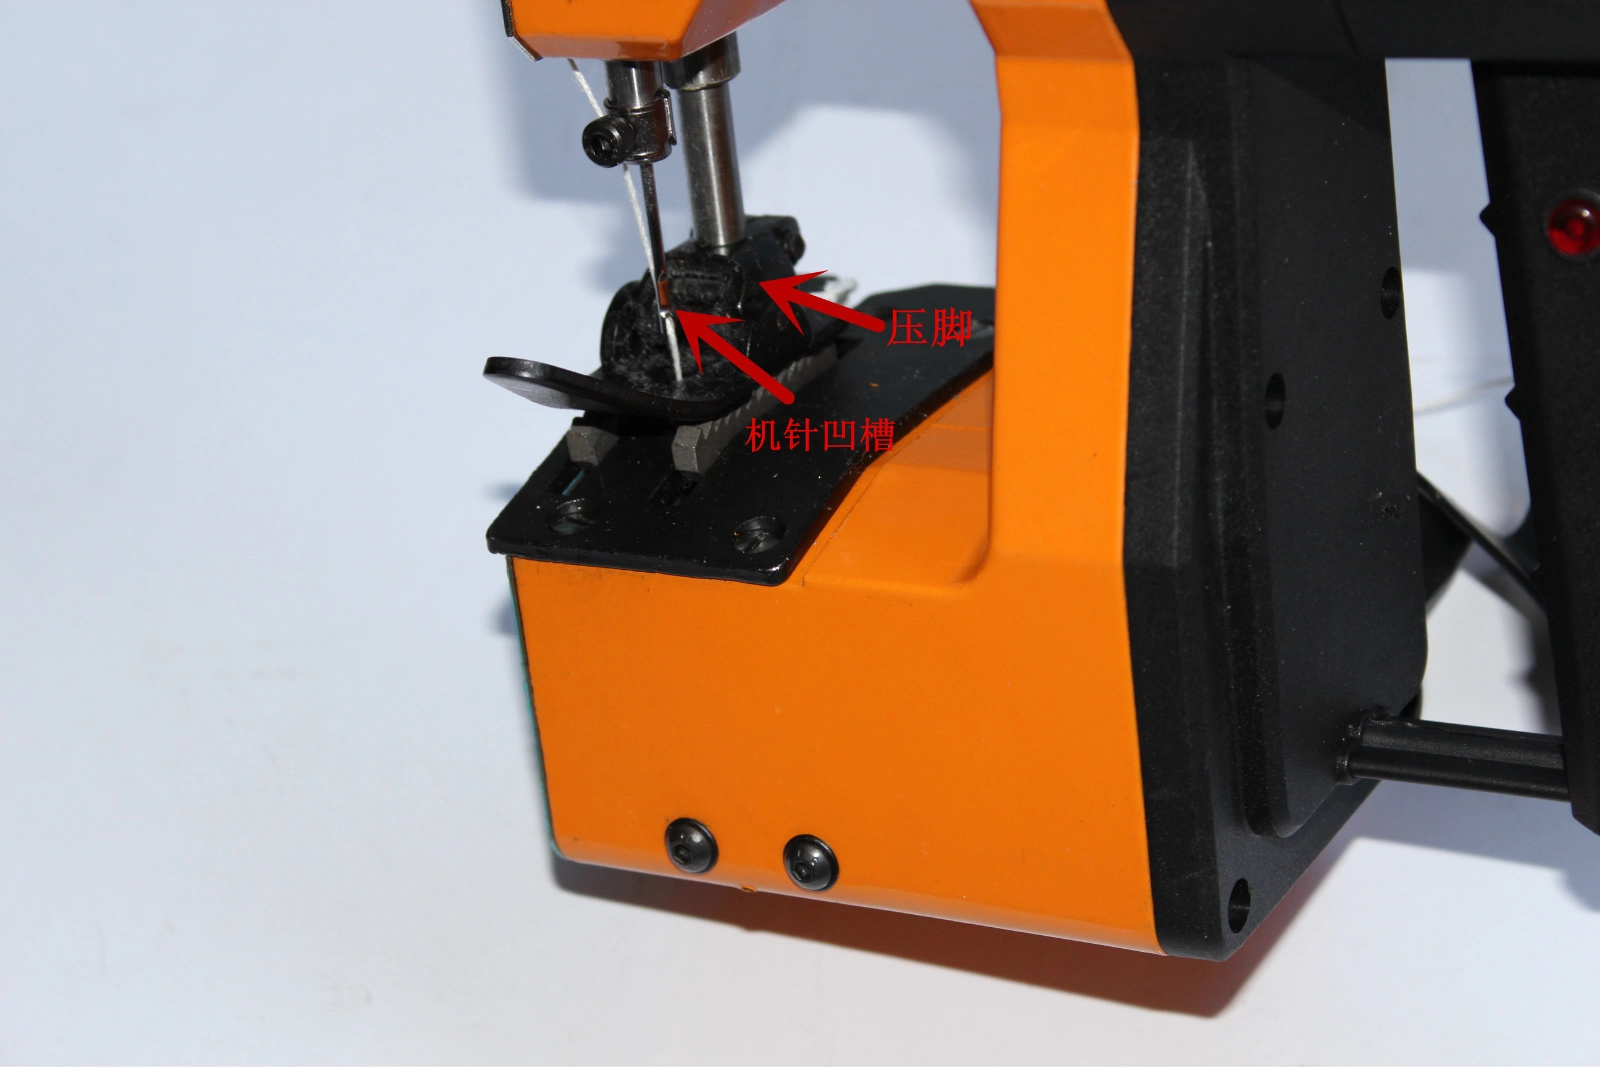 松固定机针的内六角螺丝 安装时, 如果安装不正确,可能出现的故障